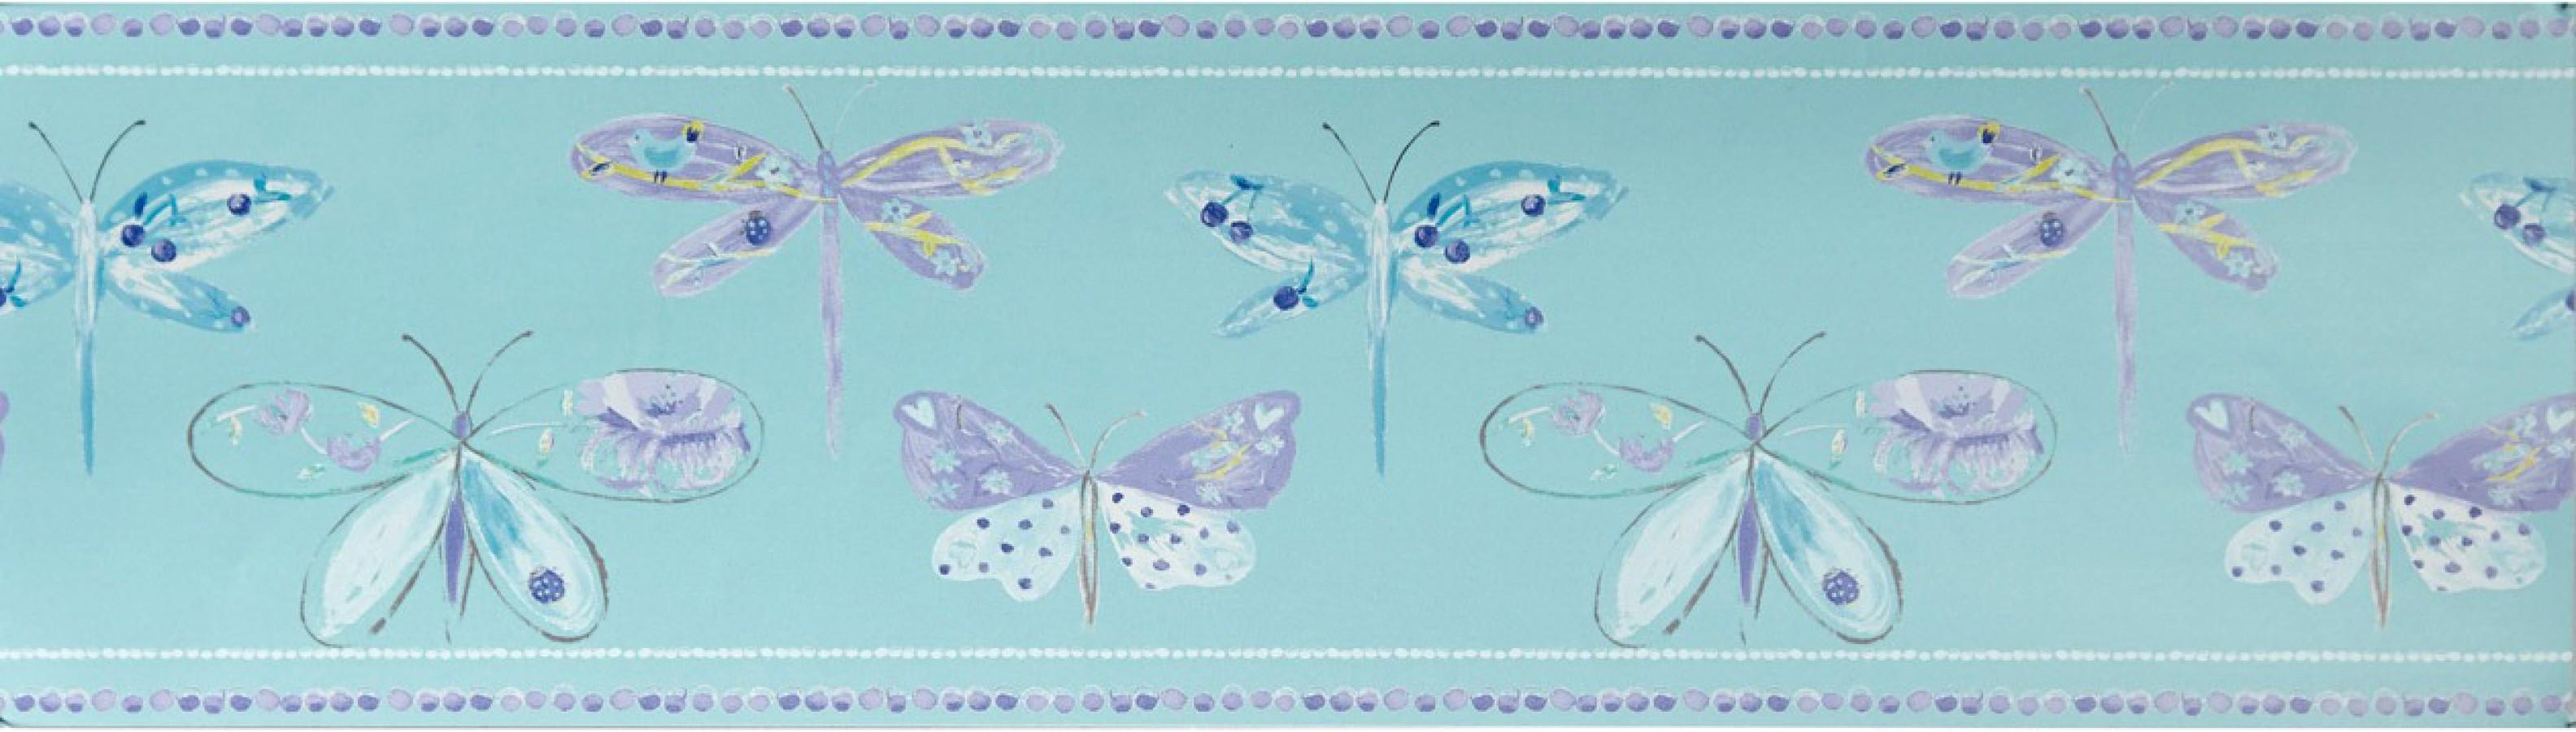 Cenefa mariposas y libélulas Small Libelflies 342135